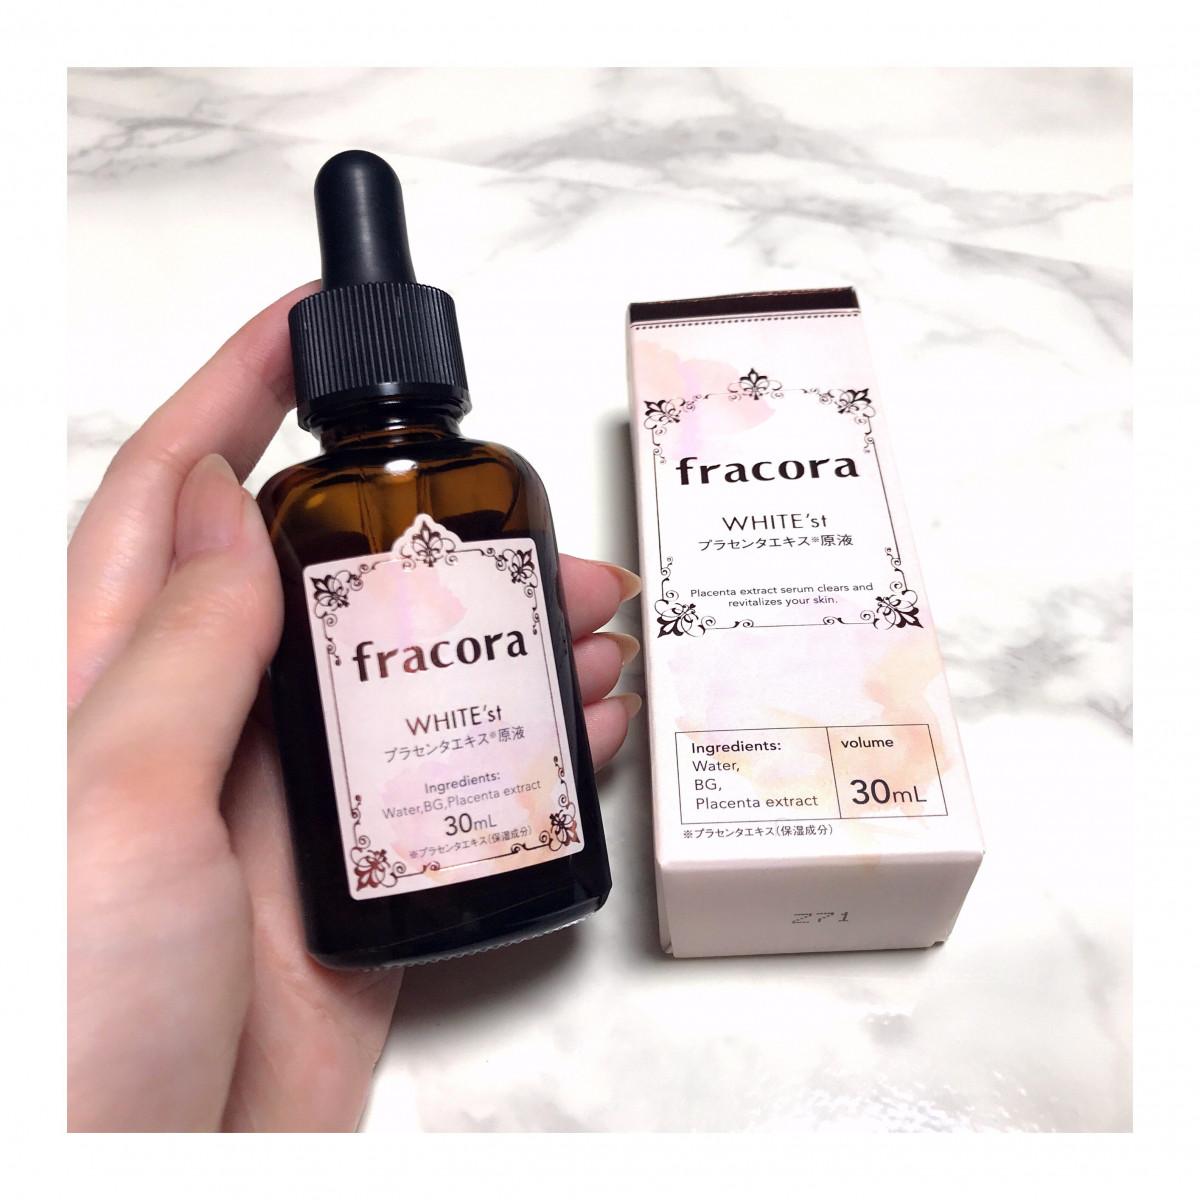 【フラコラ】原液100 %のプラセンタ美容液♡あらゆる肌悩みやエイジングケアに最適な一本!